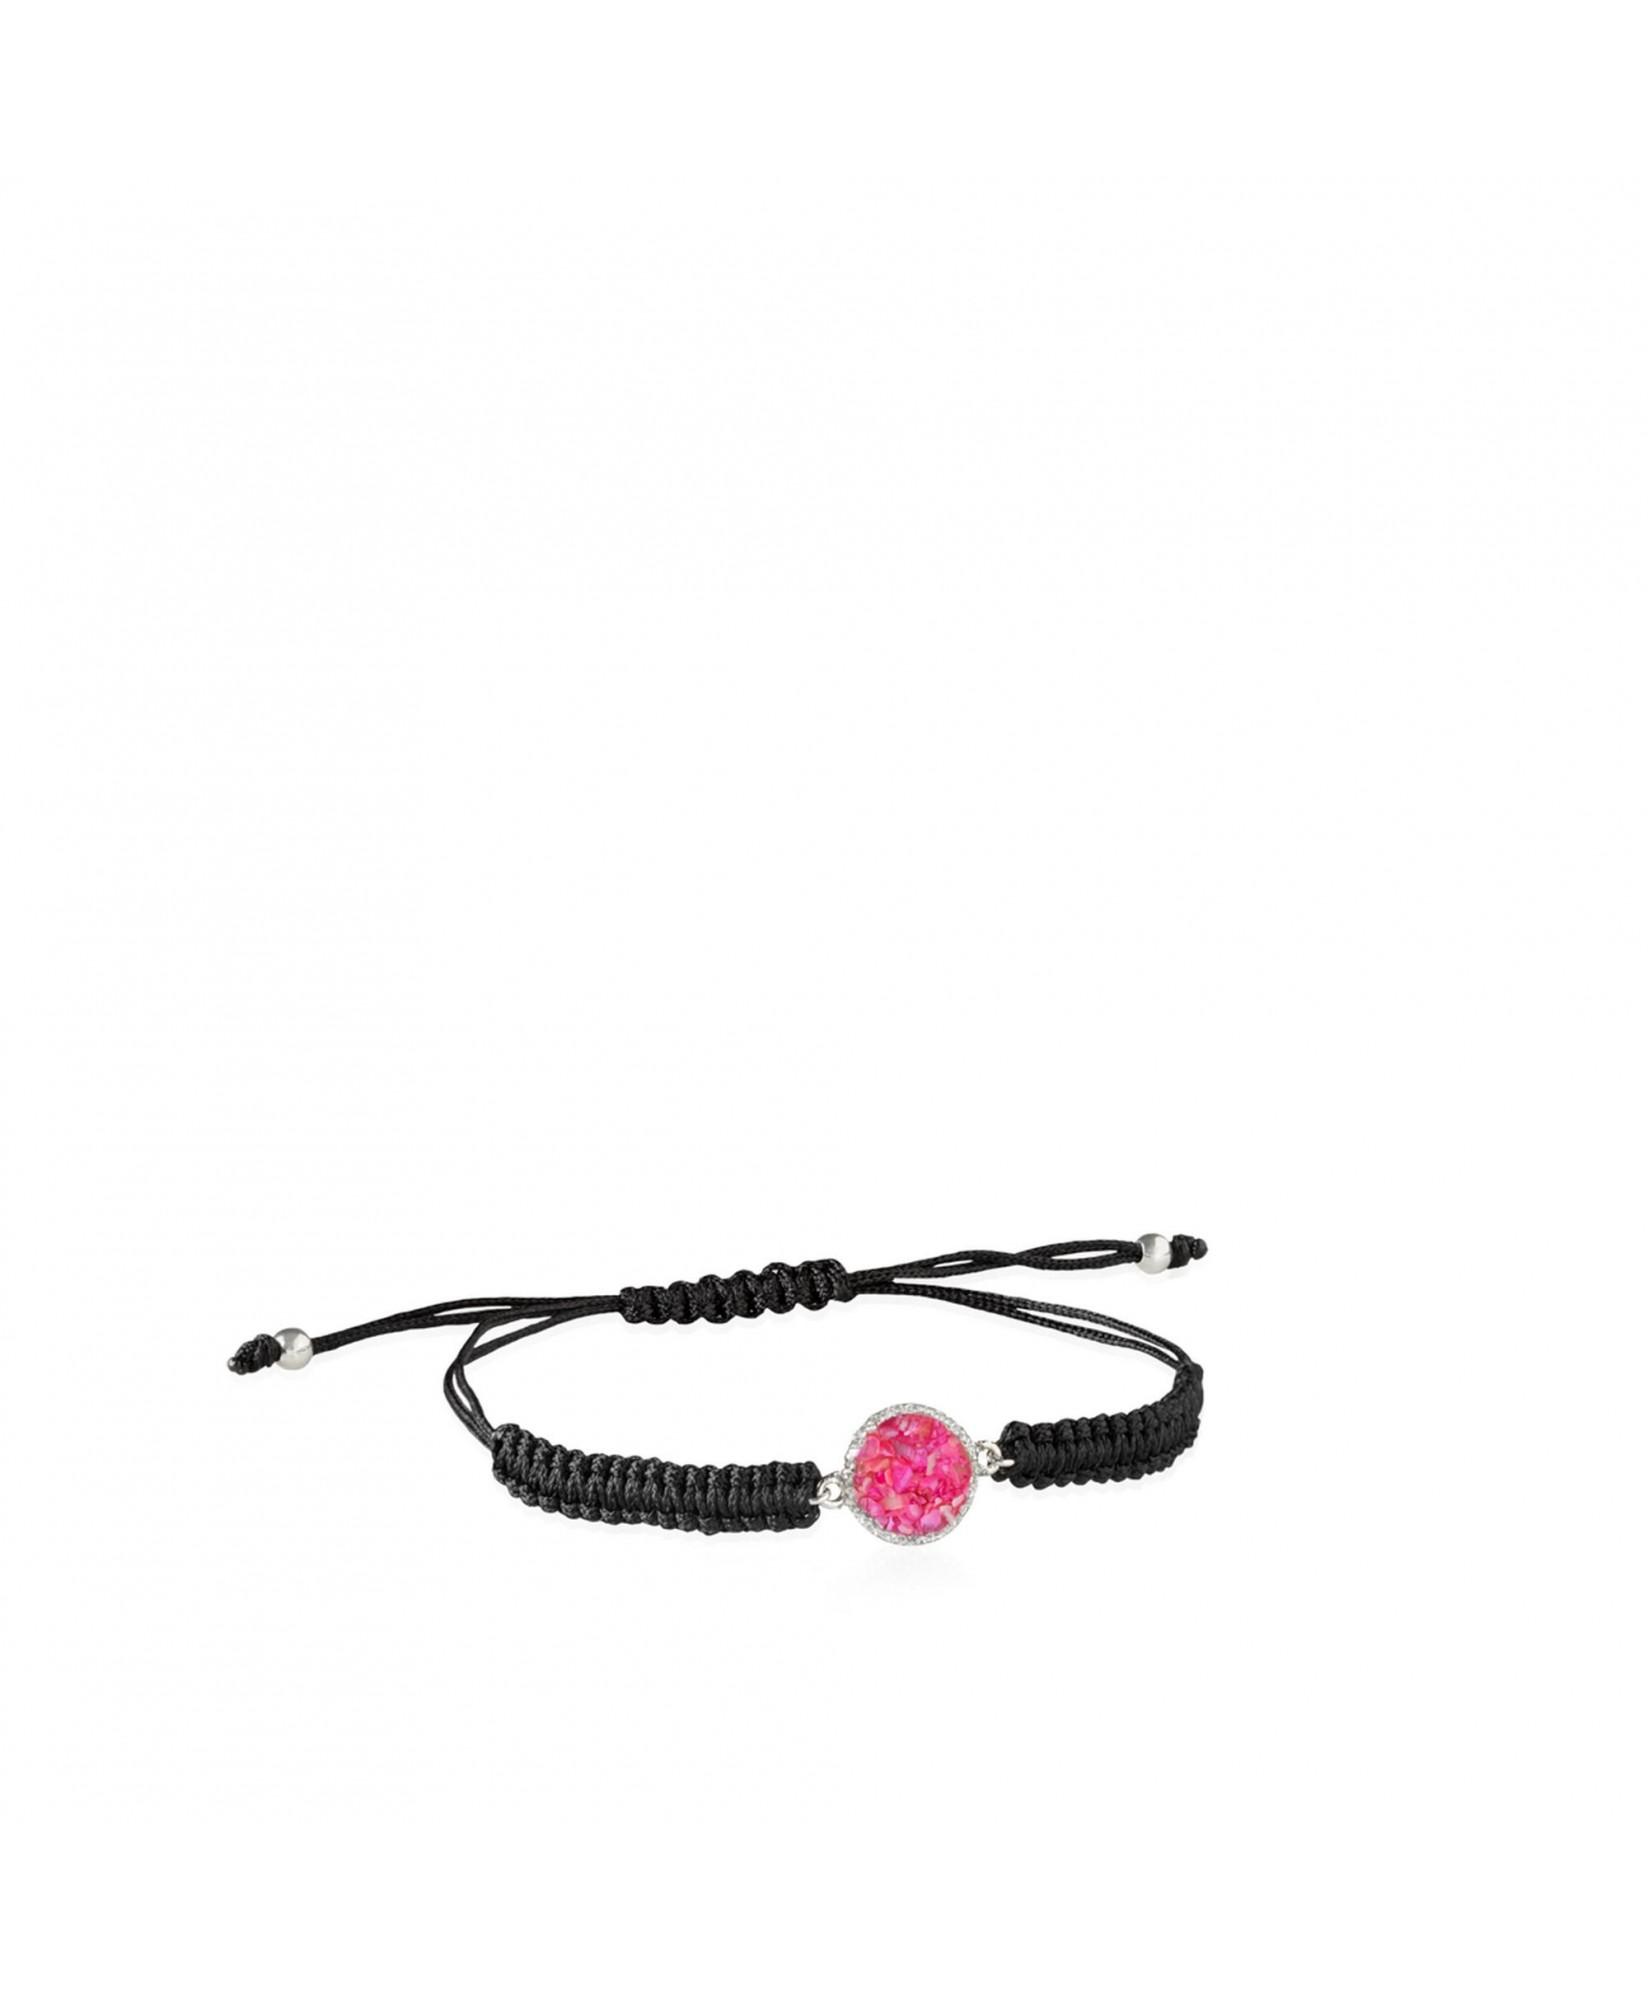 Pulsera de cordón y plata Doll con nácar rosa Pulsera de cordón y plata Doll con nácar rosa